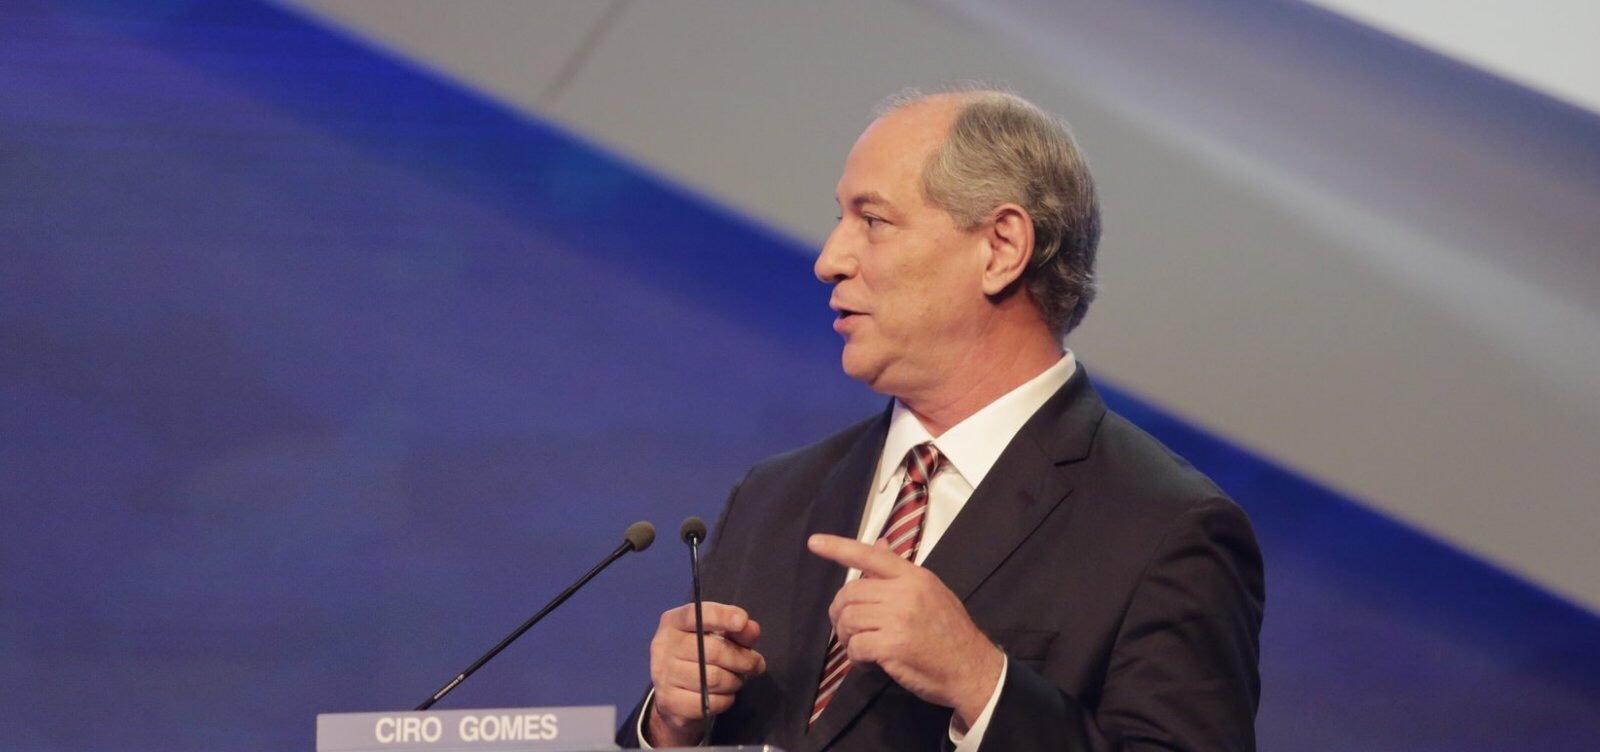 'Foi ferido na barriga, mas não mudou nada na cabeça', diz Ciro sobre Bolsonaro